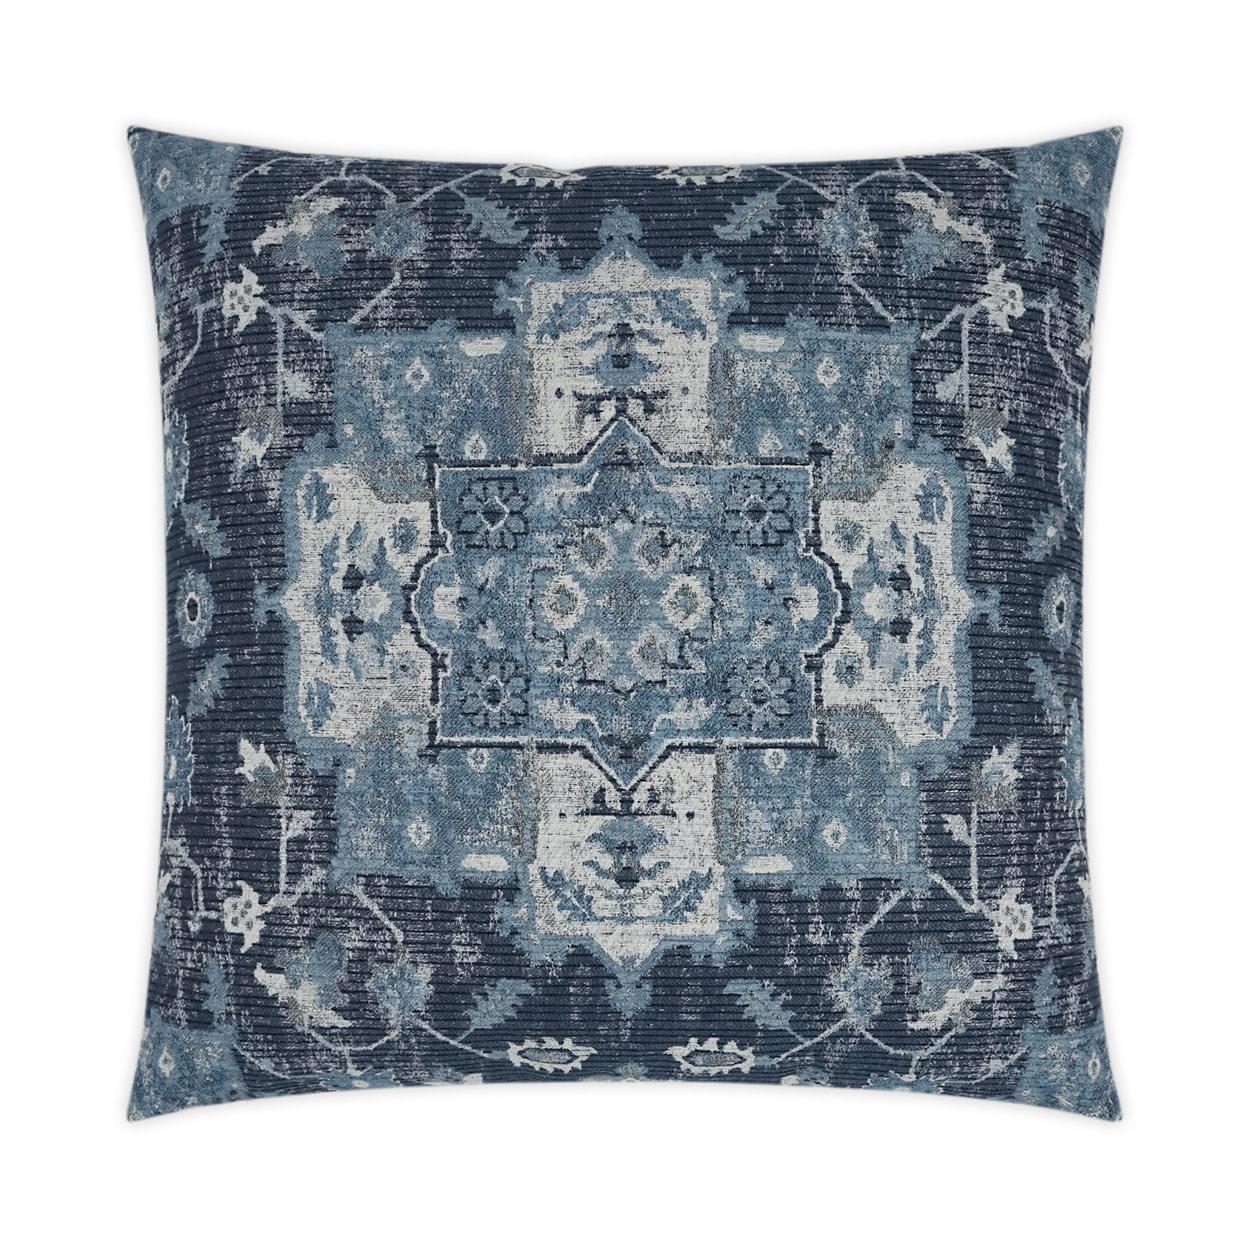 Amici Pillow - Indigo 24 x 24